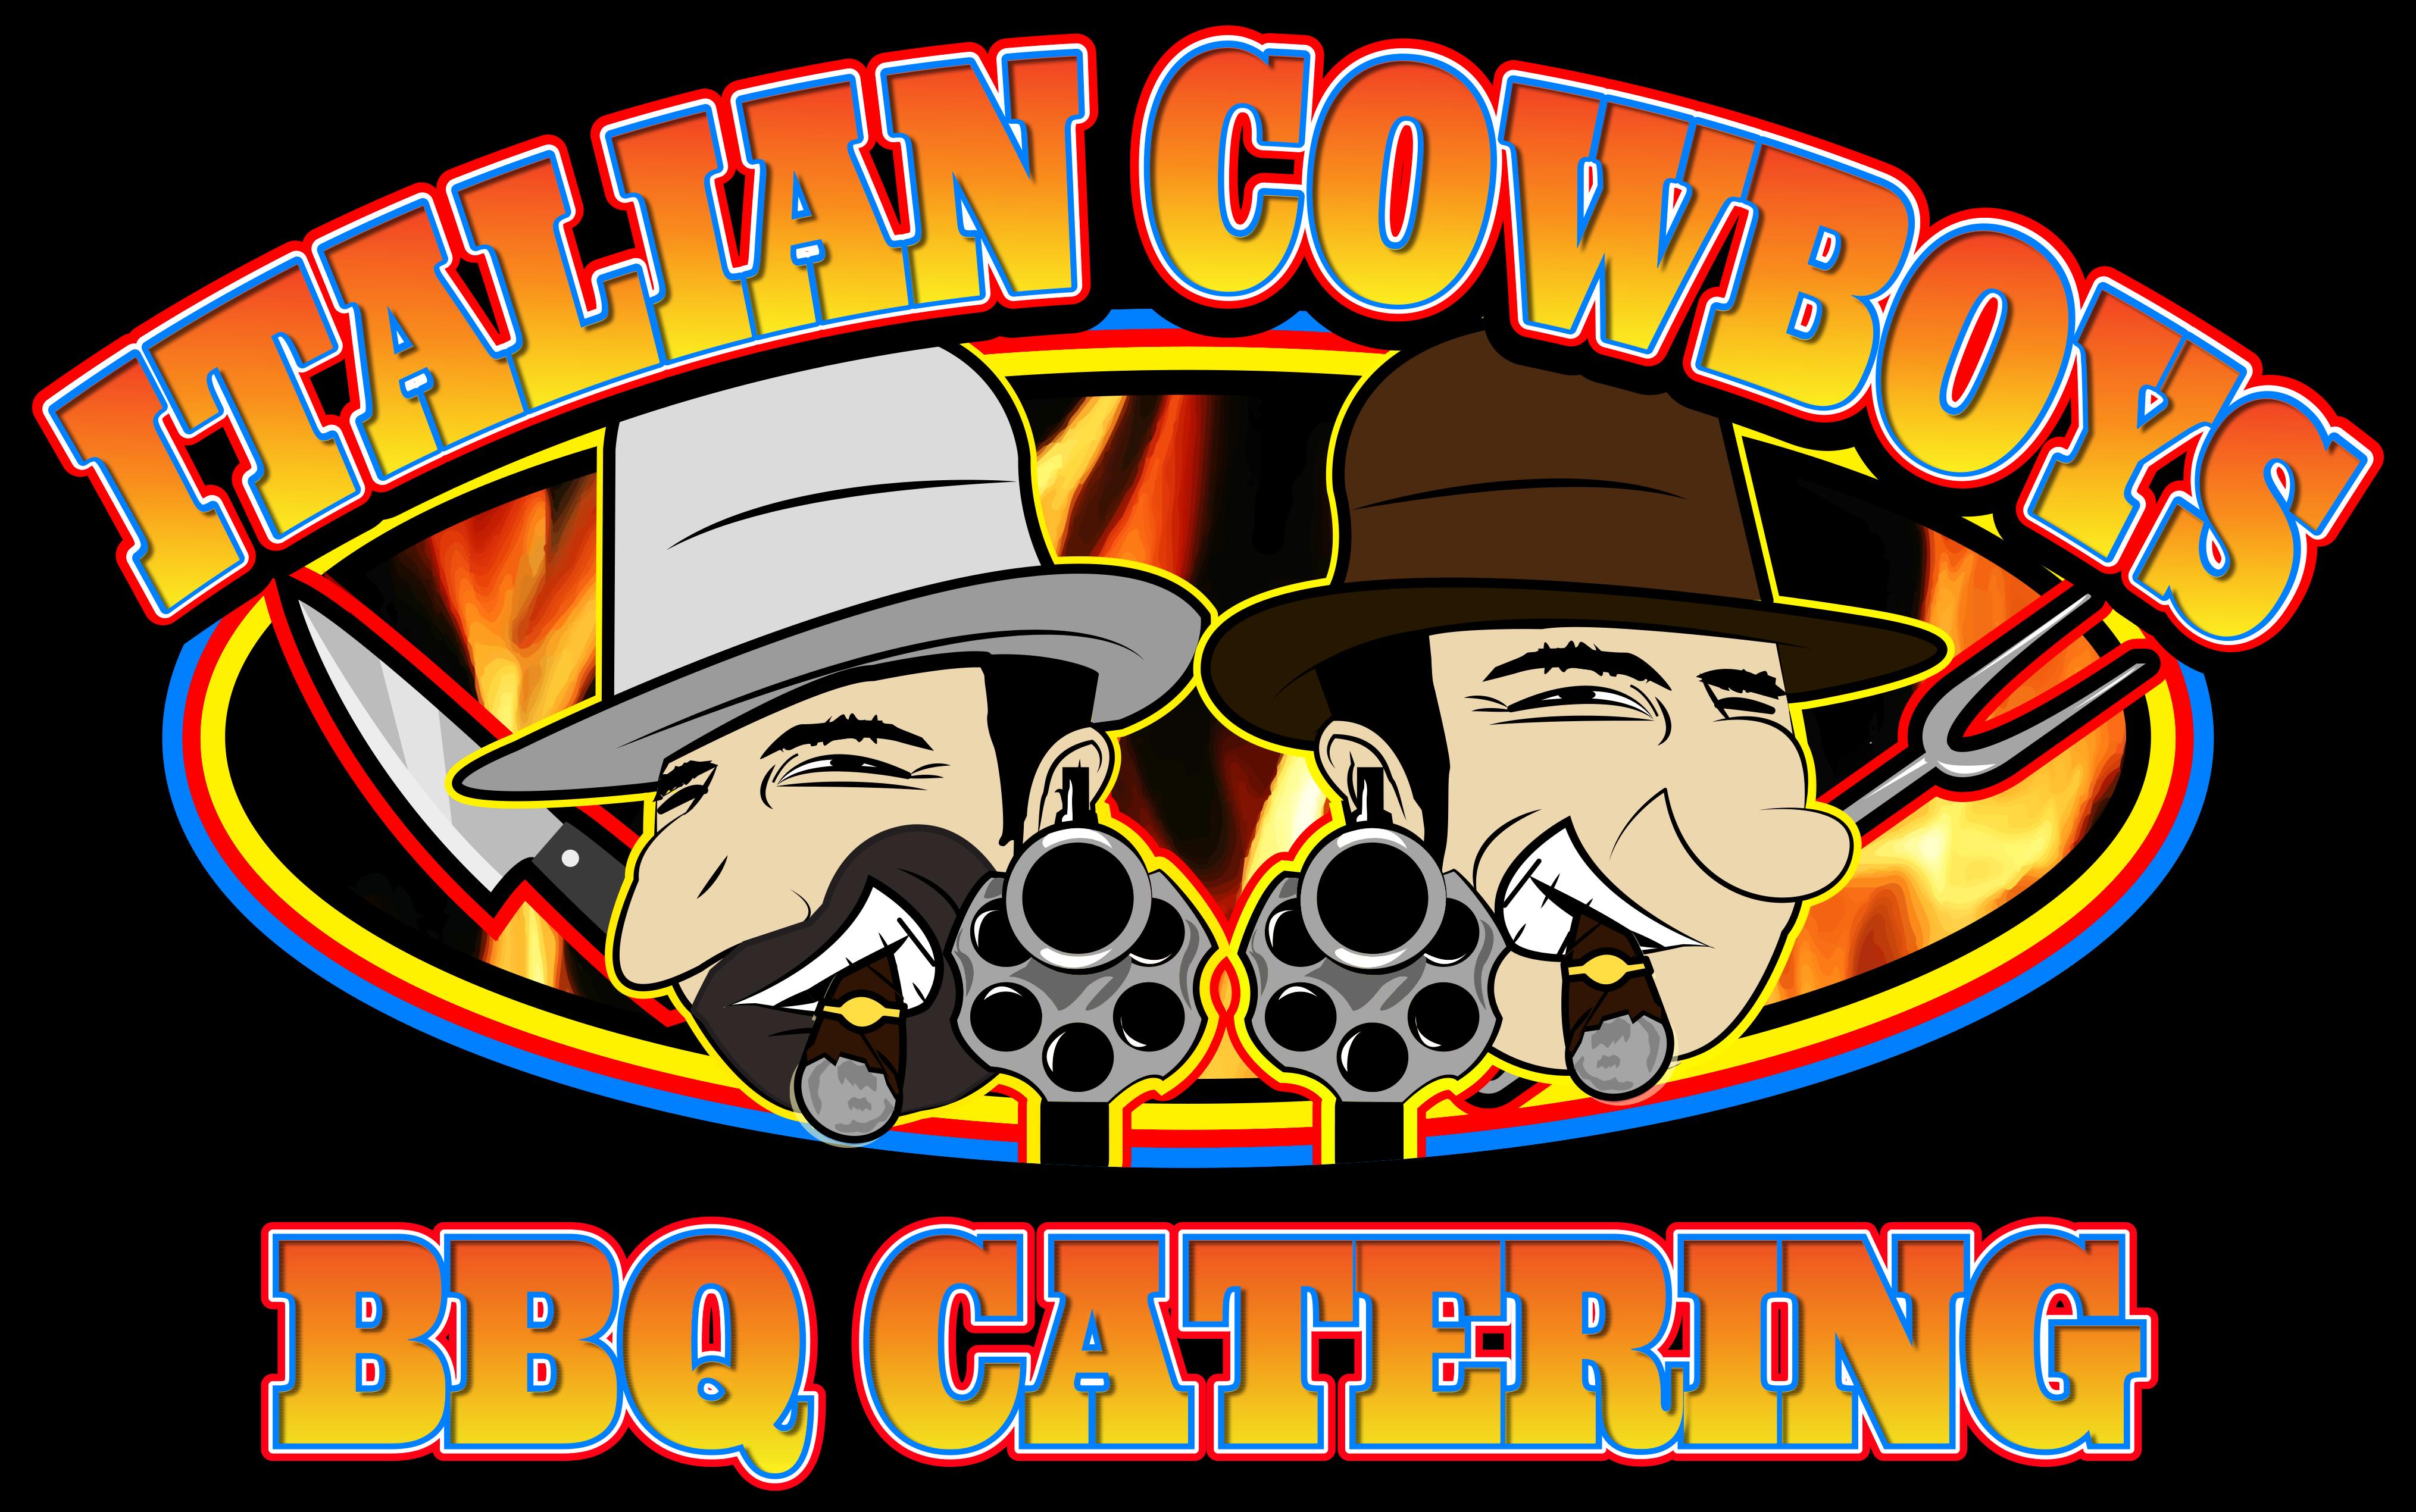 Cowboys . Clipart restaurant house italian